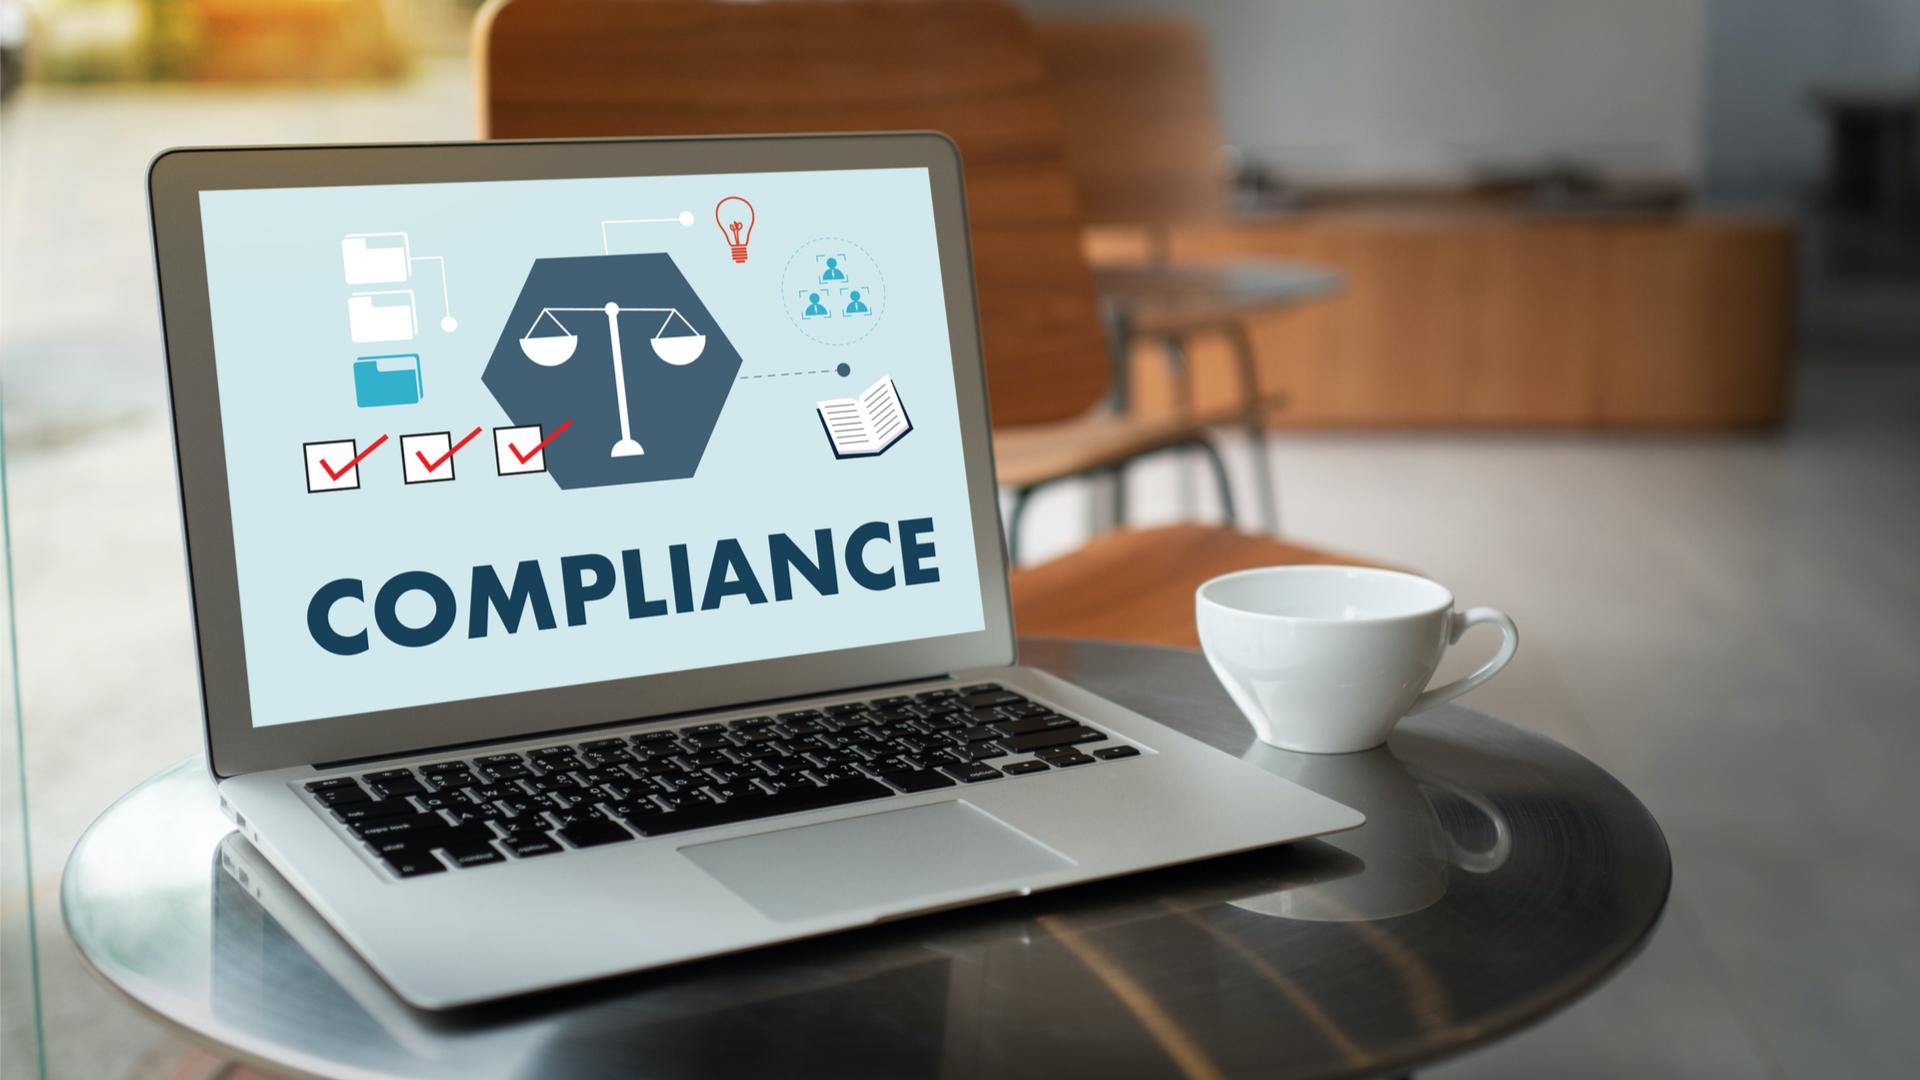 NonprofitEC_PPrabhakar_ComplianceOfficerDuties_Skye